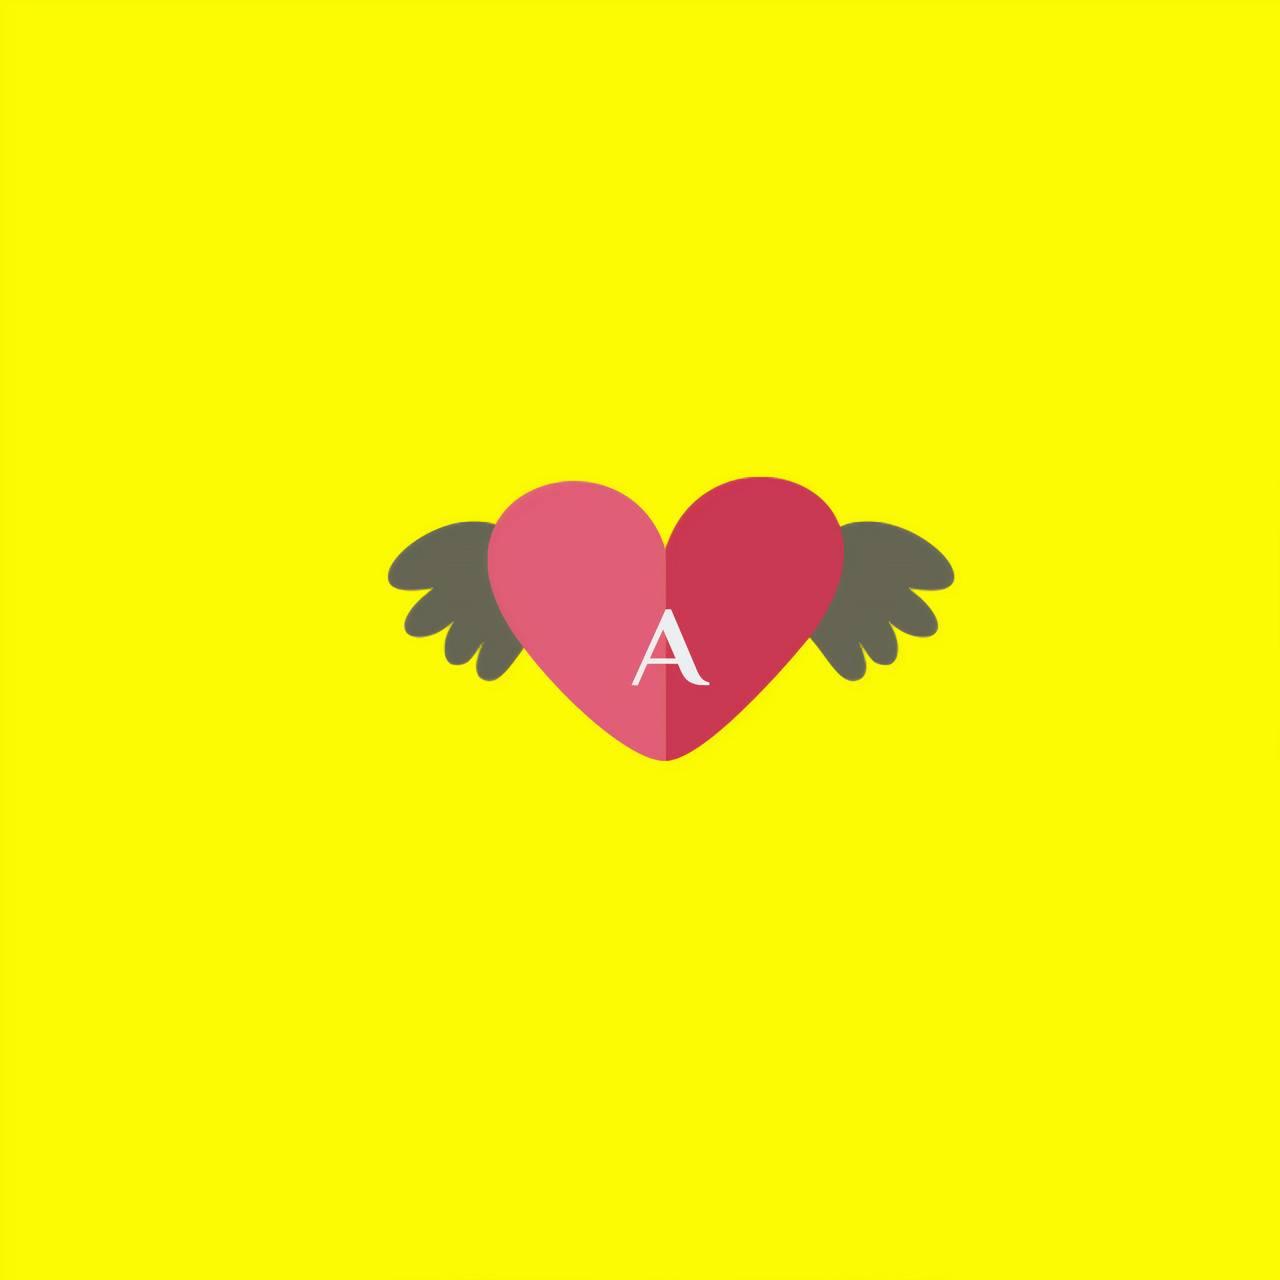 Heart Fly